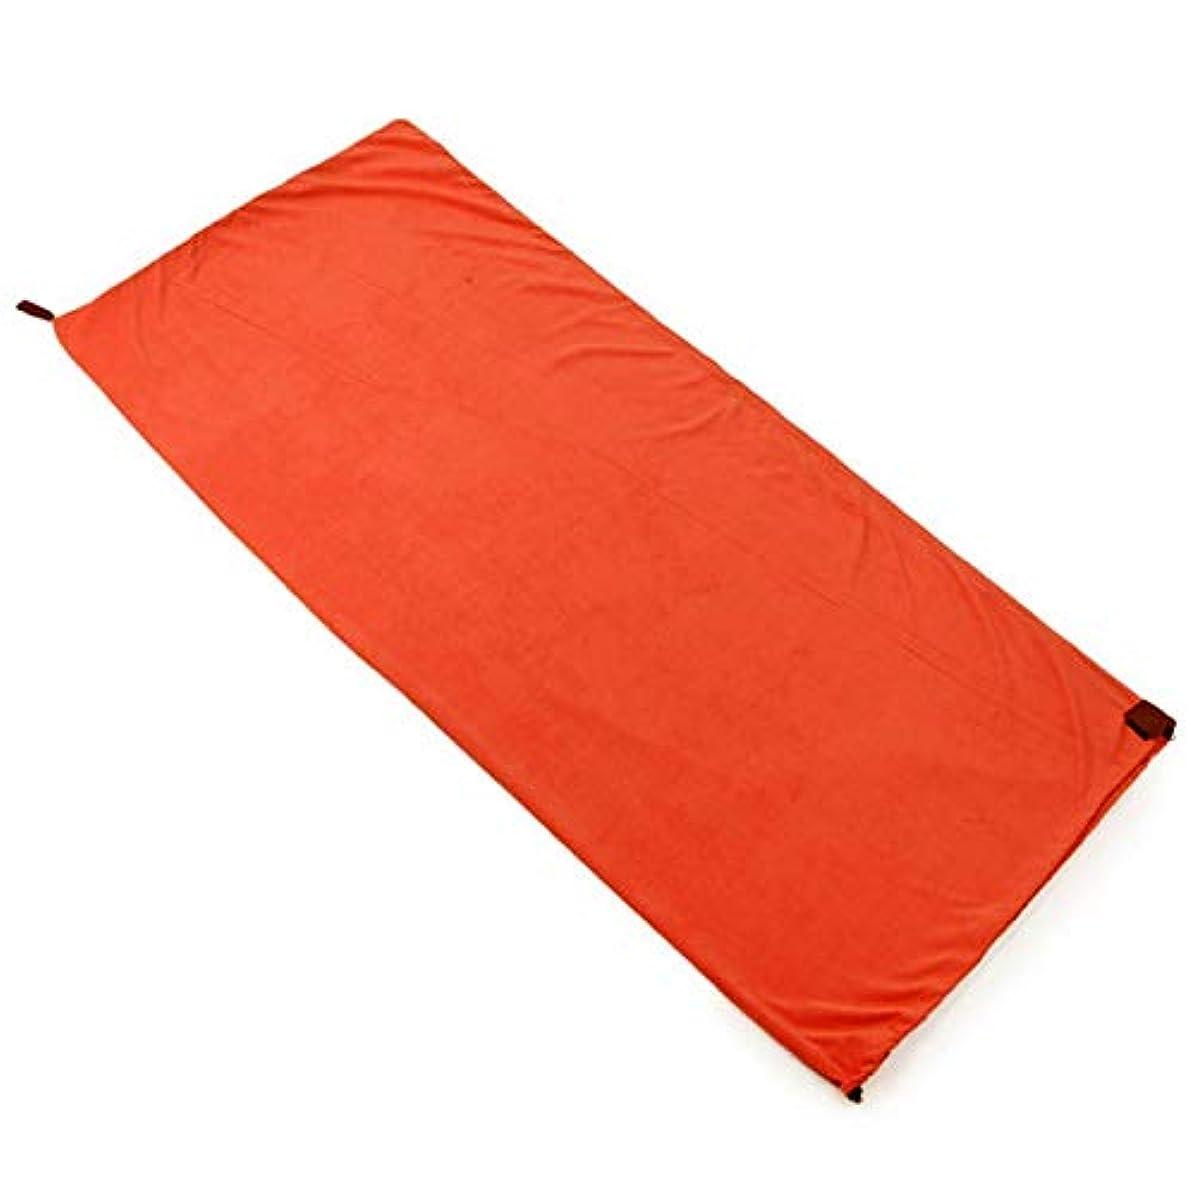 爆弾近代化する憂慮すべきACAMPTAR 片面フリース寝袋 ポータブルアウトドアキャンプ寝袋 超軽量寝袋 ライナー寝袋 キャンプ(オレンジ)